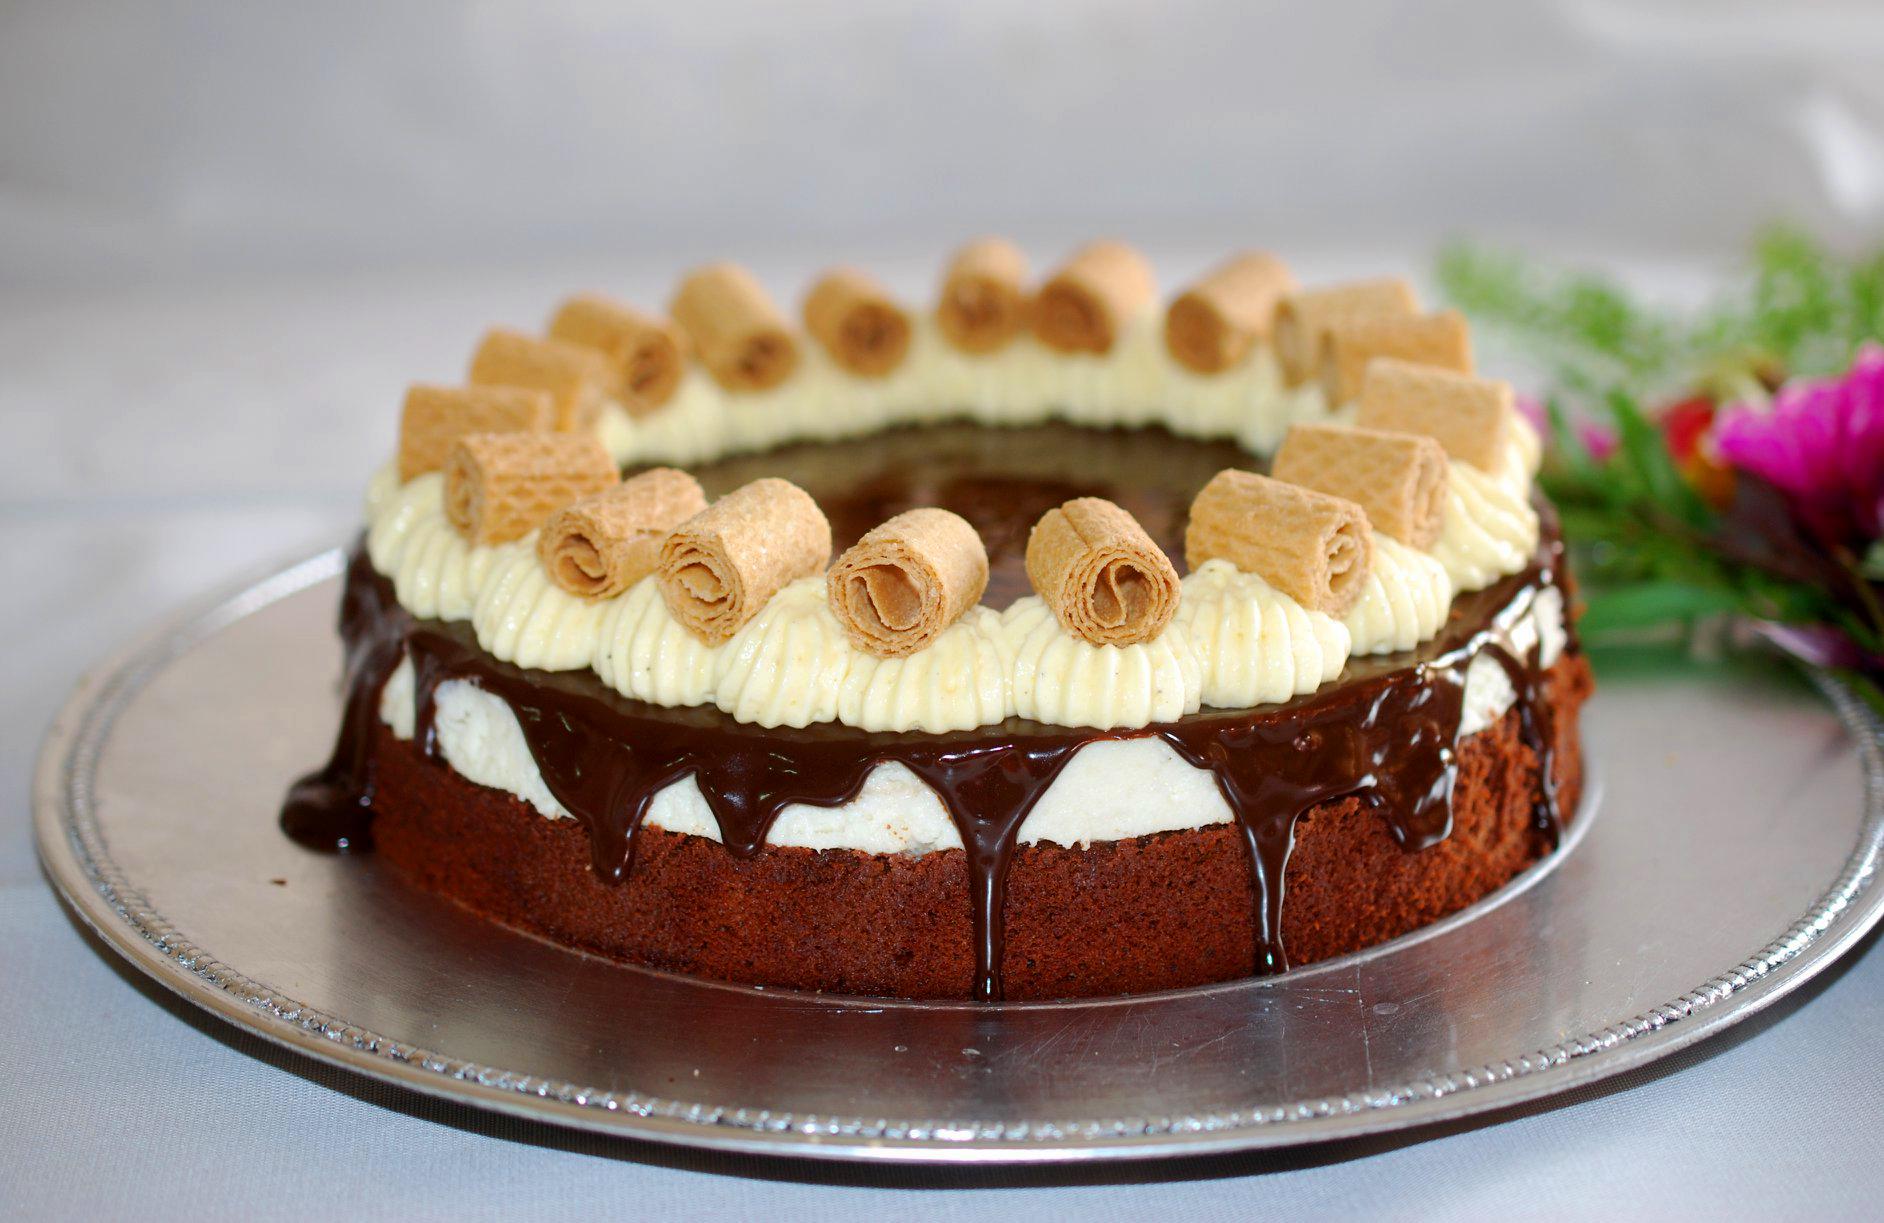 עוגת גבינה שוקולד | אלונה זהור | ויטרינה - כל מה שחדש